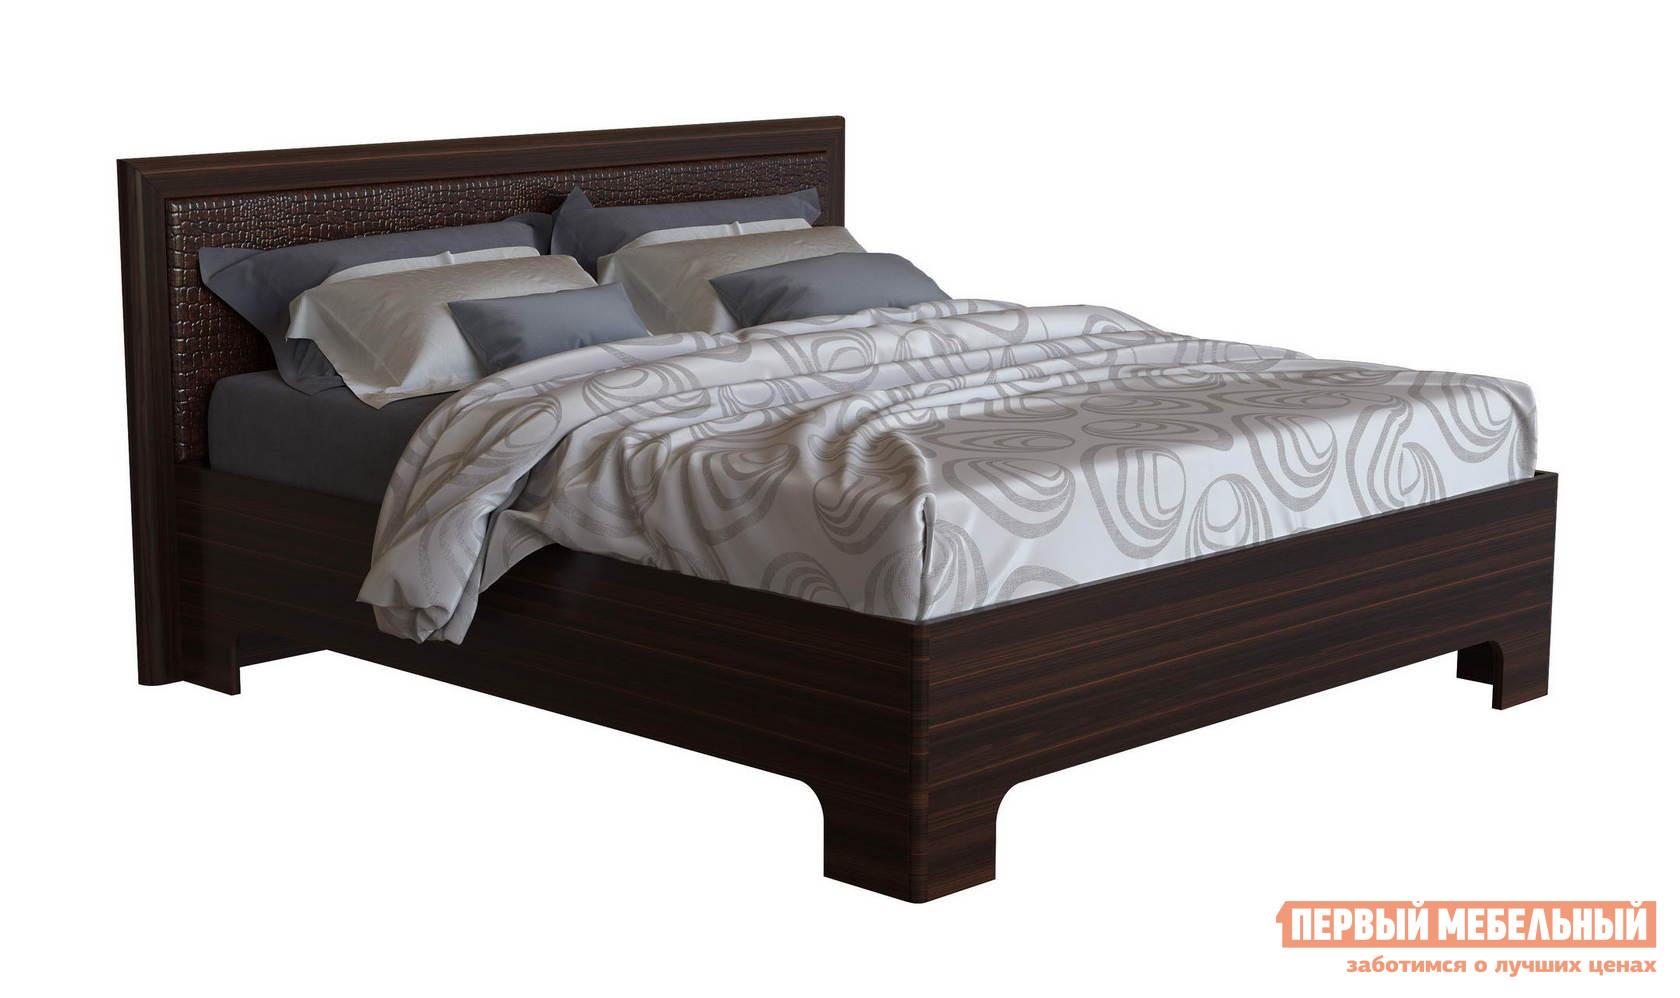 Полутороспальная кровать Первый Мебельный Тоскана 1-1,5 полутороспальная кровать первый мебельный кровать ненси 1 4м